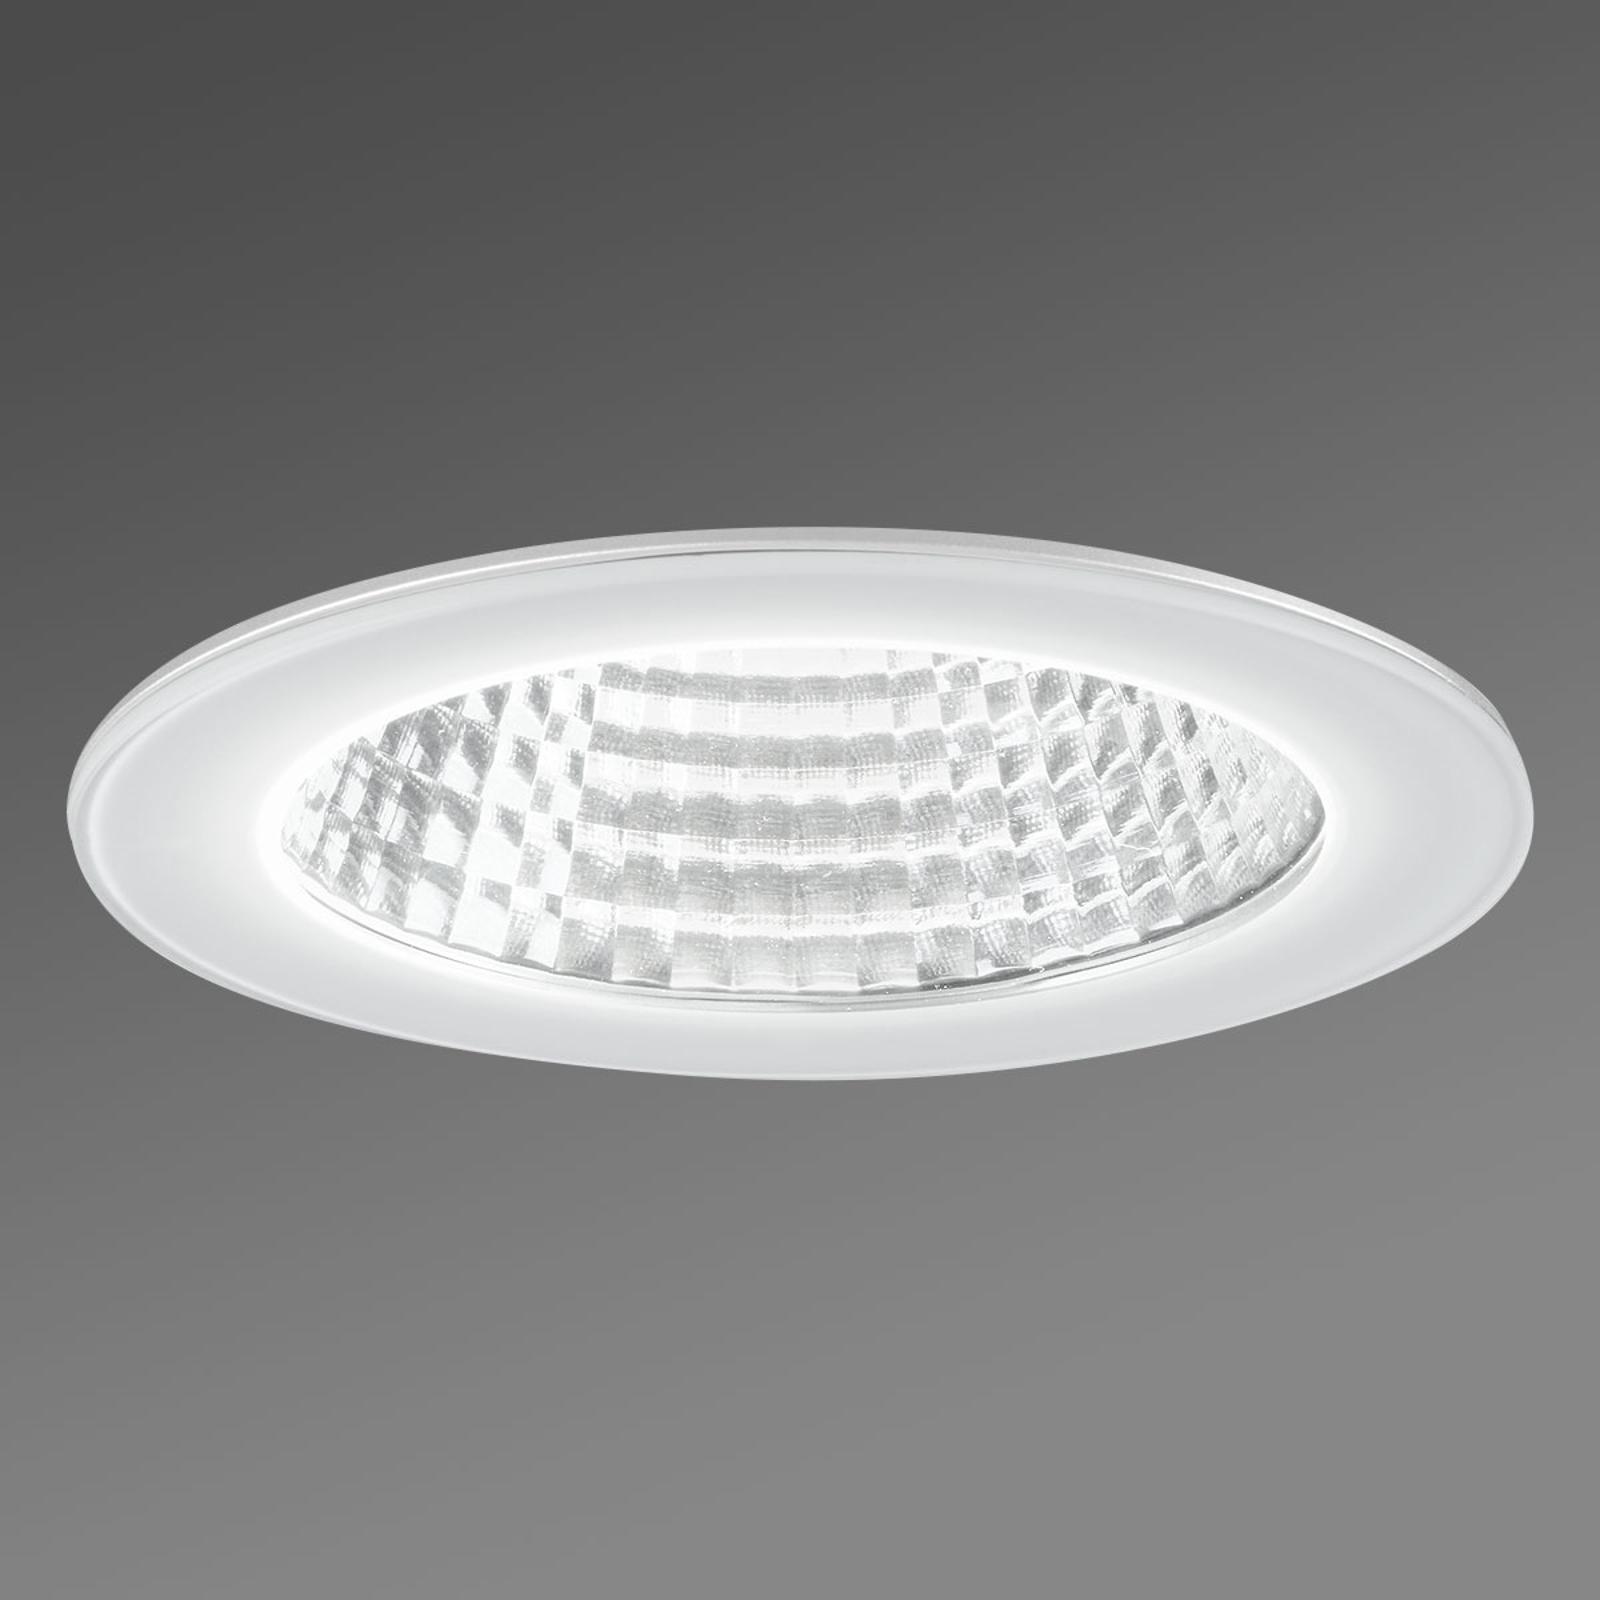 Spritzwassergeschützte LED-Einbauleuchte IDown 26